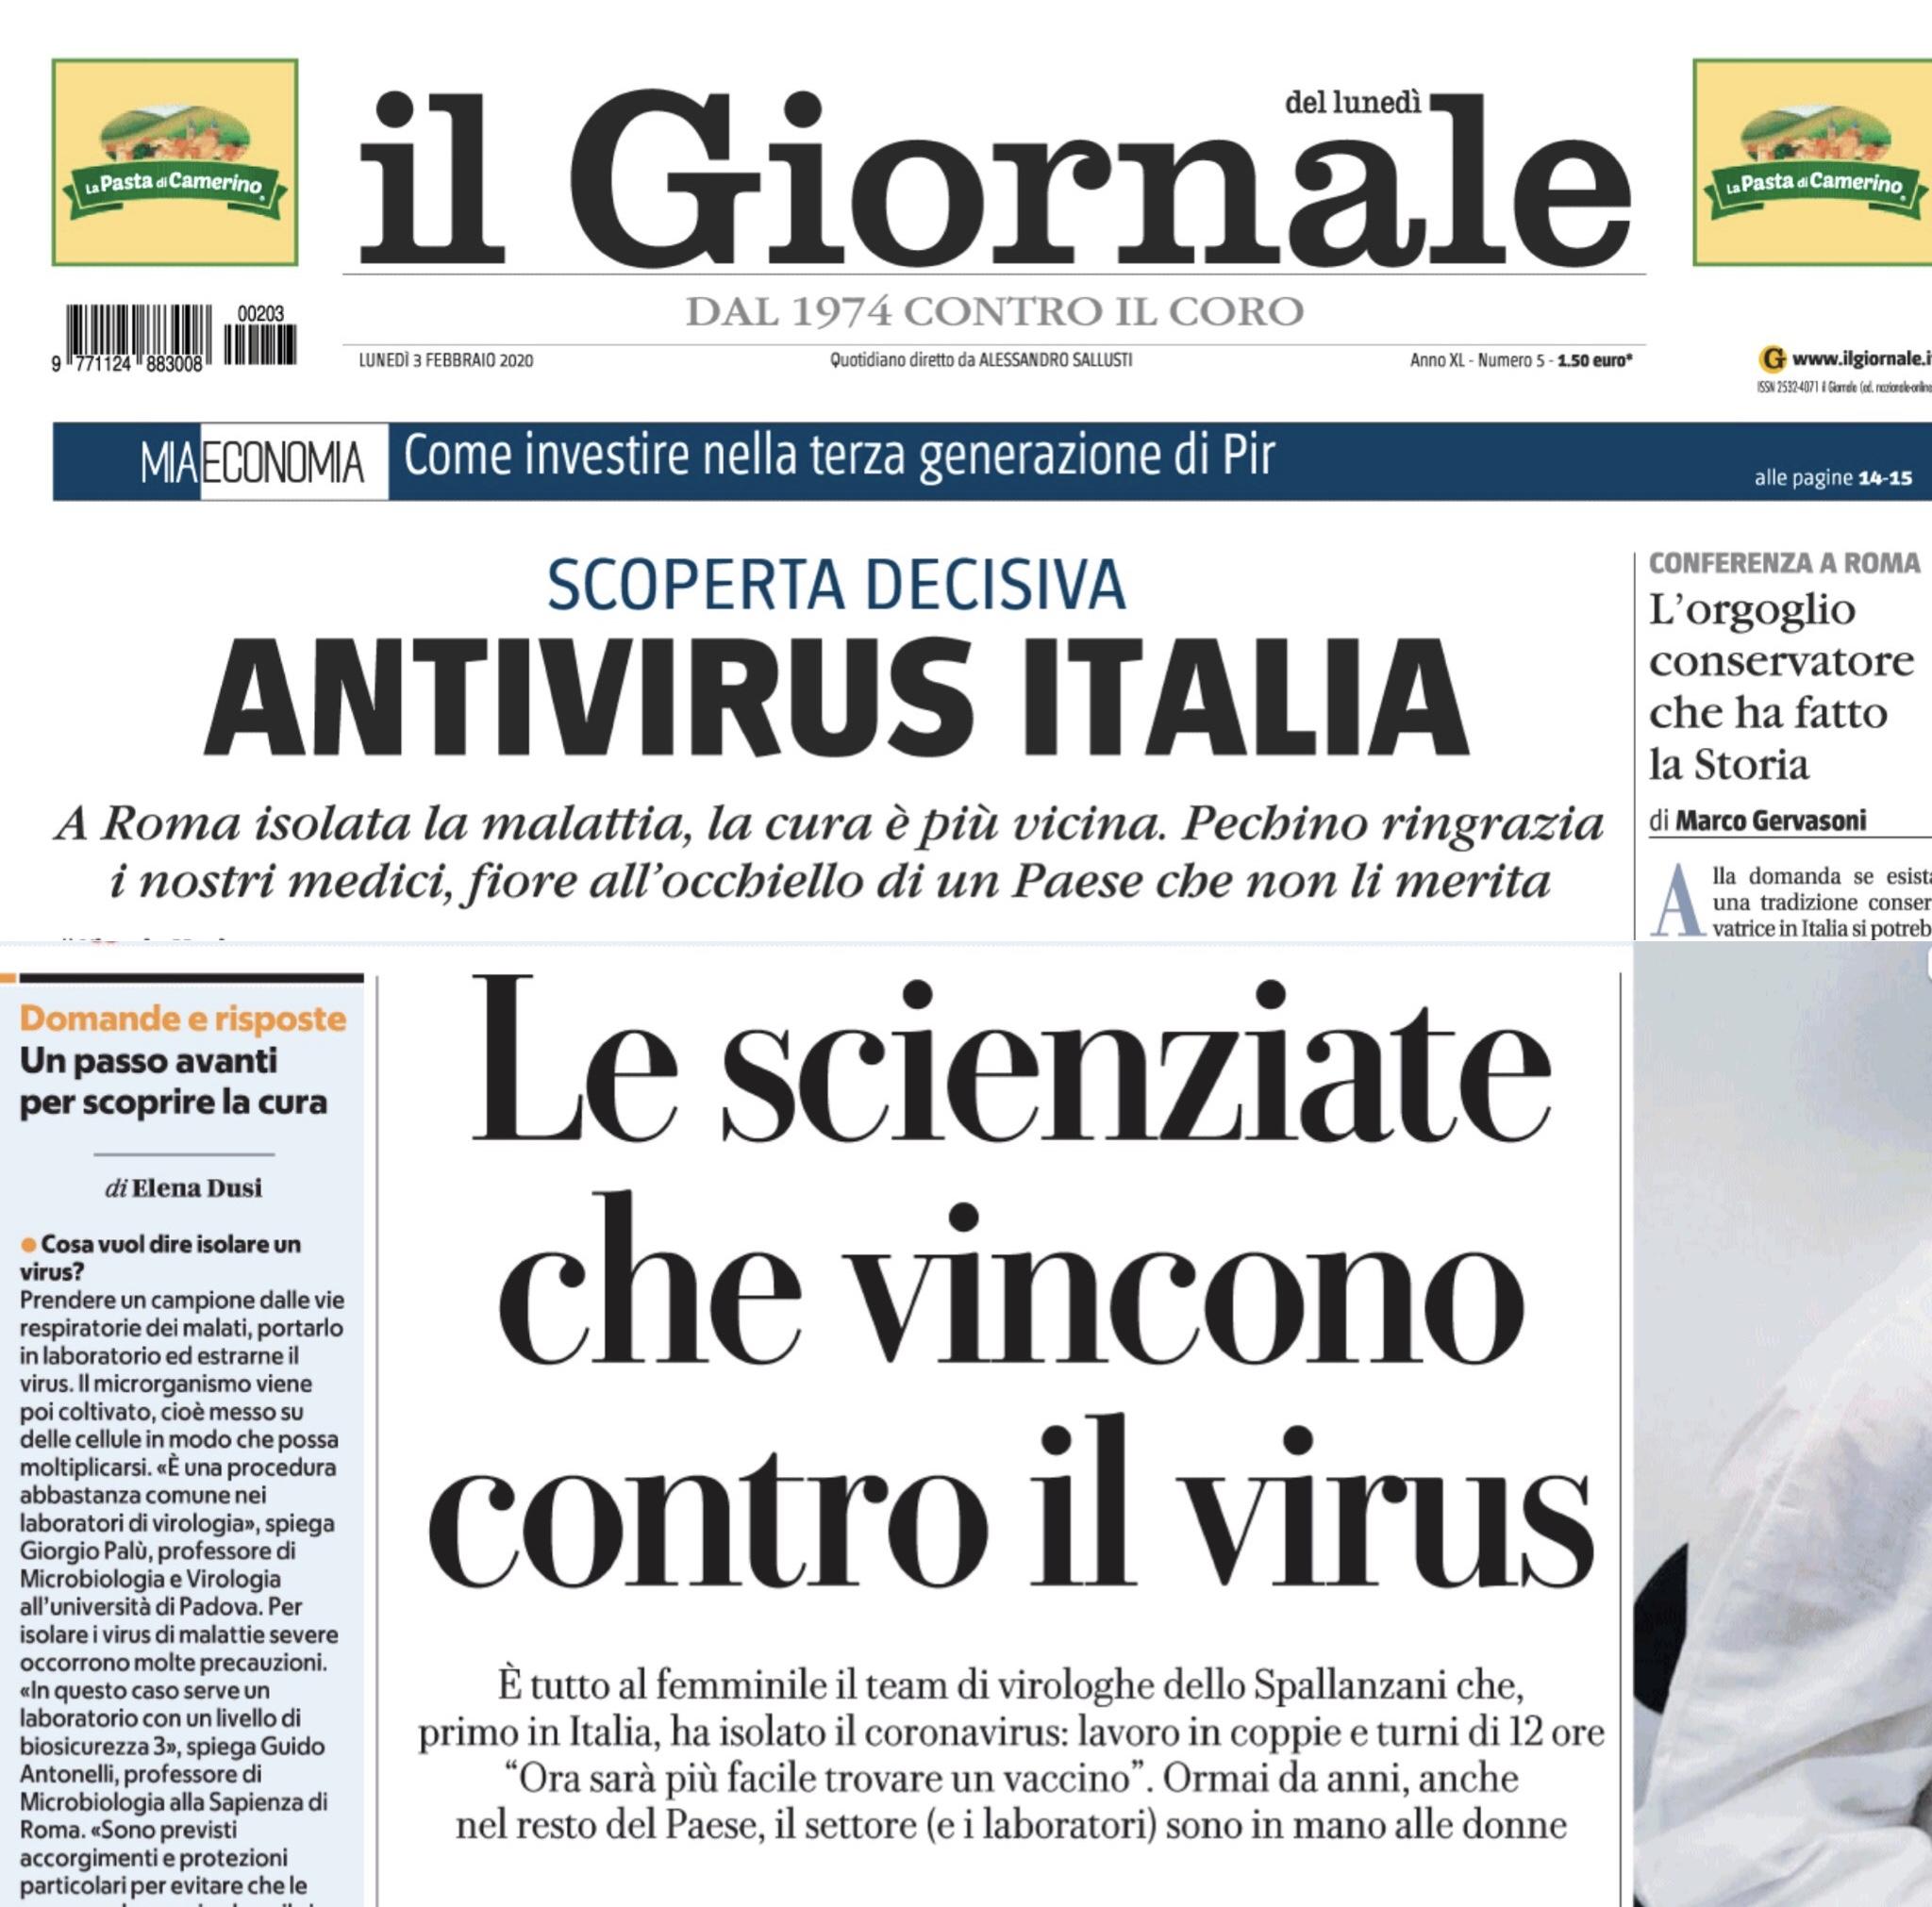 il virus è vivo o non vivente giustificare